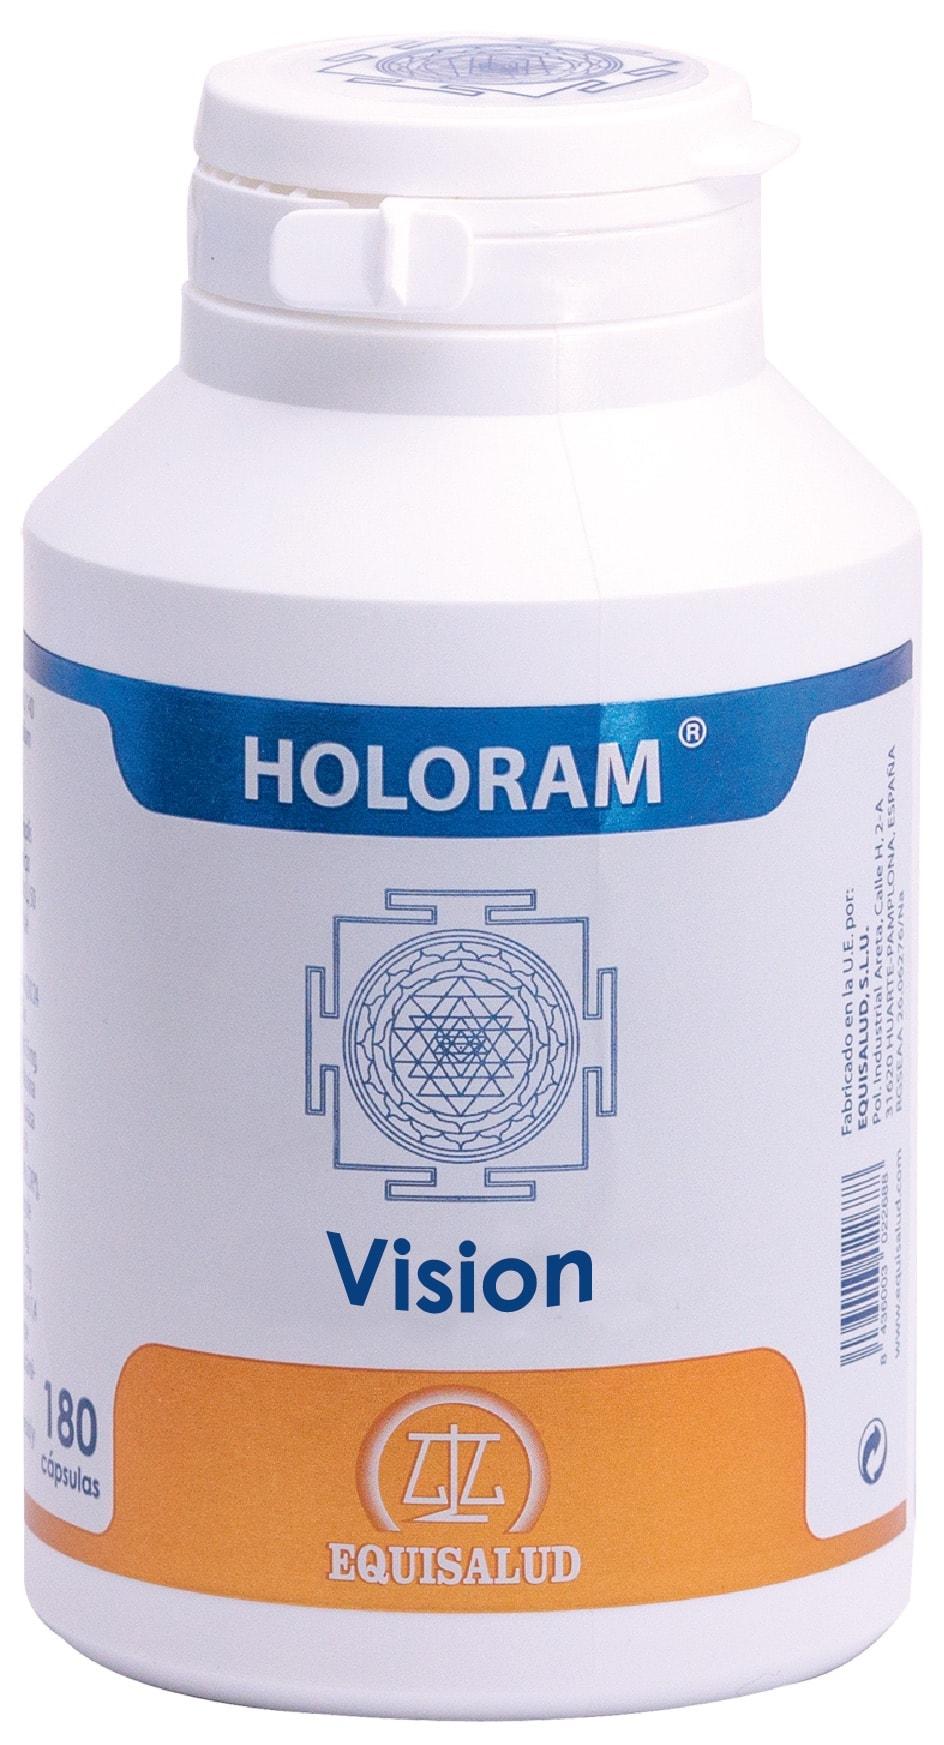 holoram_vision_180.jpg